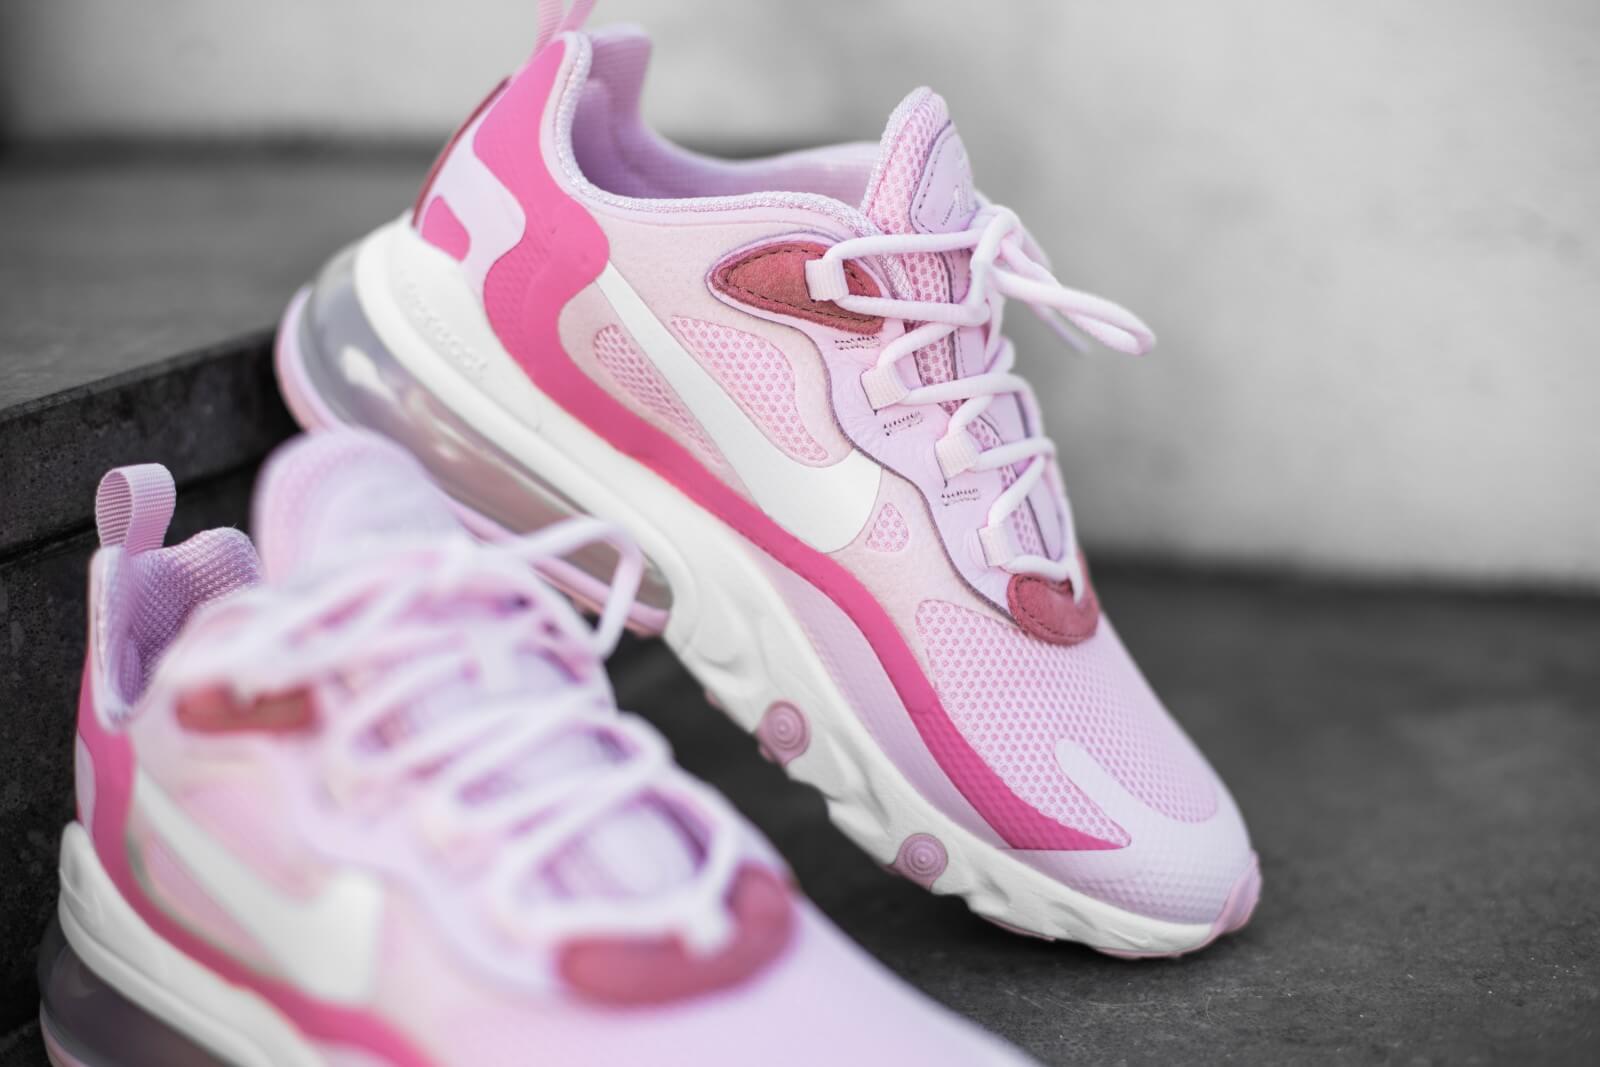 Nike Women's Air Max 270 React Pink FoamWhite Digital Pink